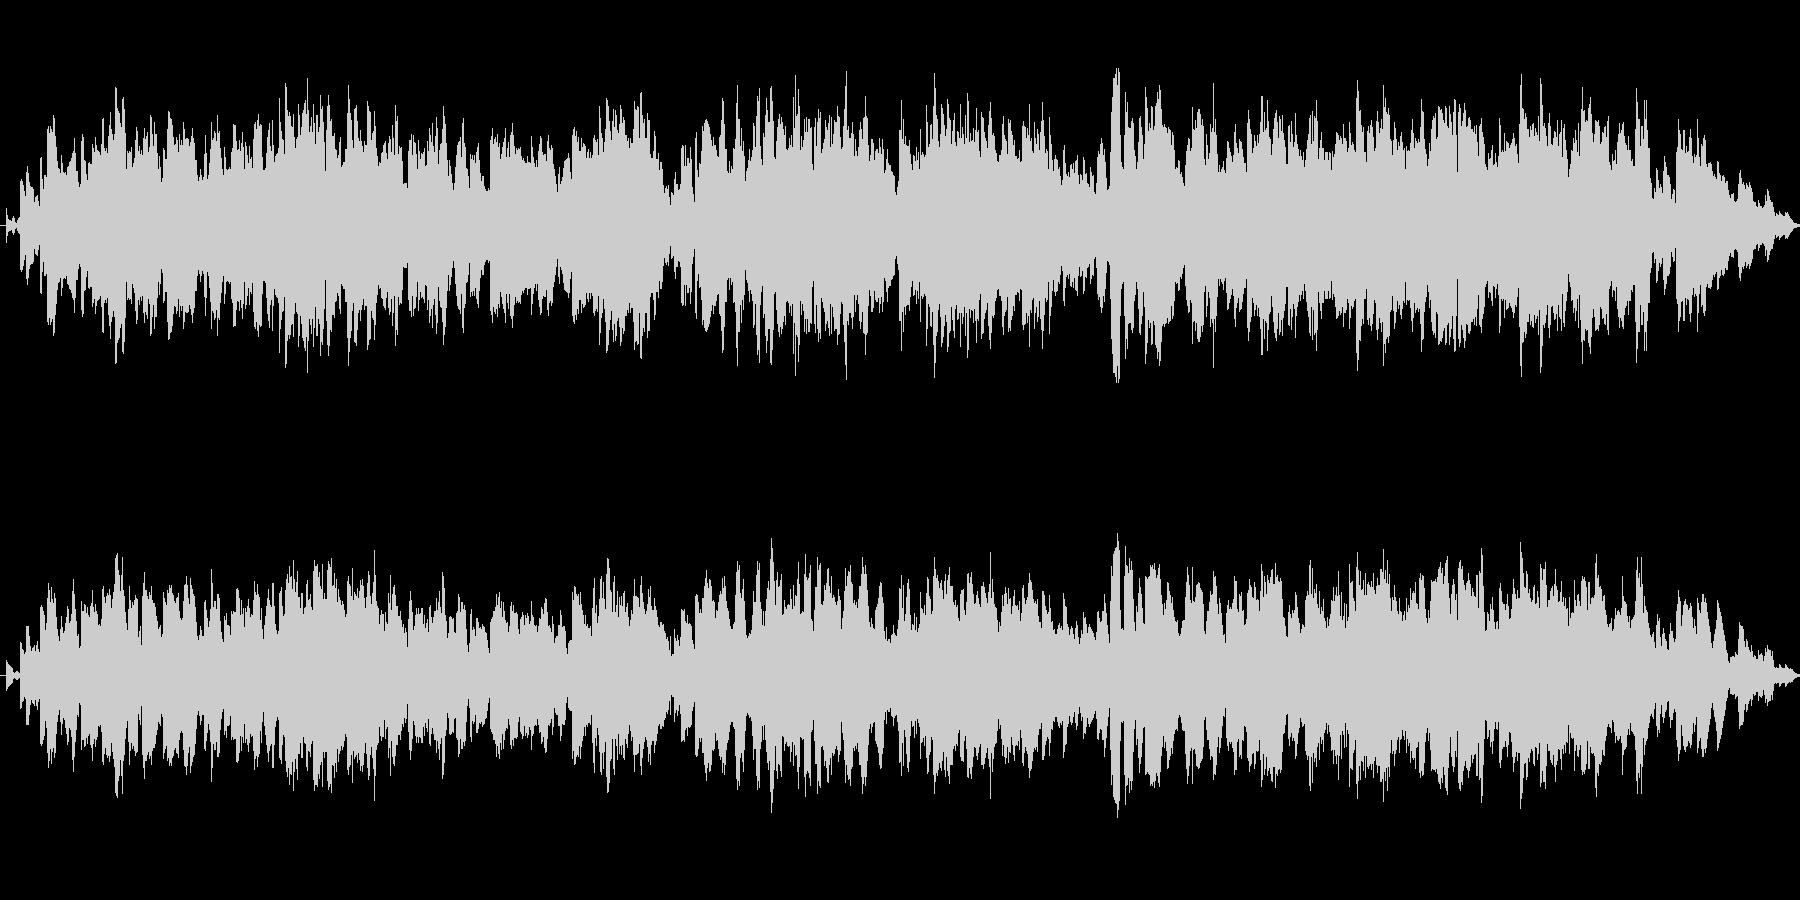 バスクラリネットとシンセのジングルの未再生の波形